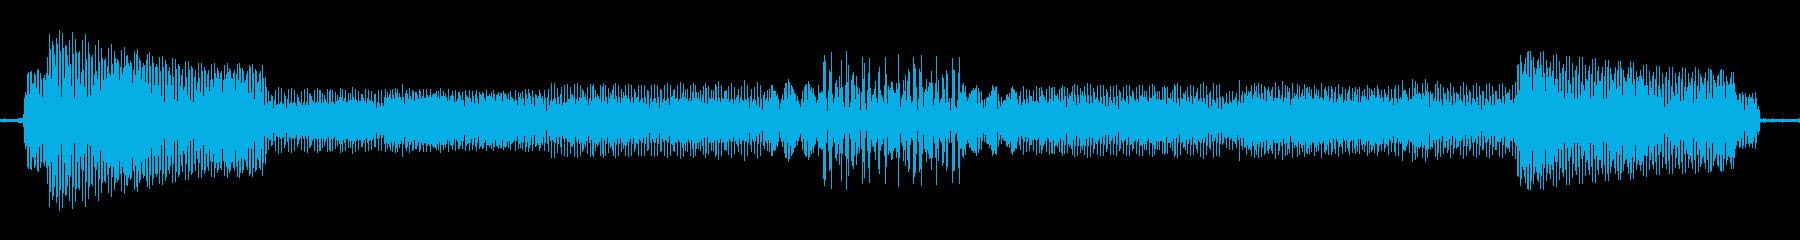 ビープ音03の再生済みの波形